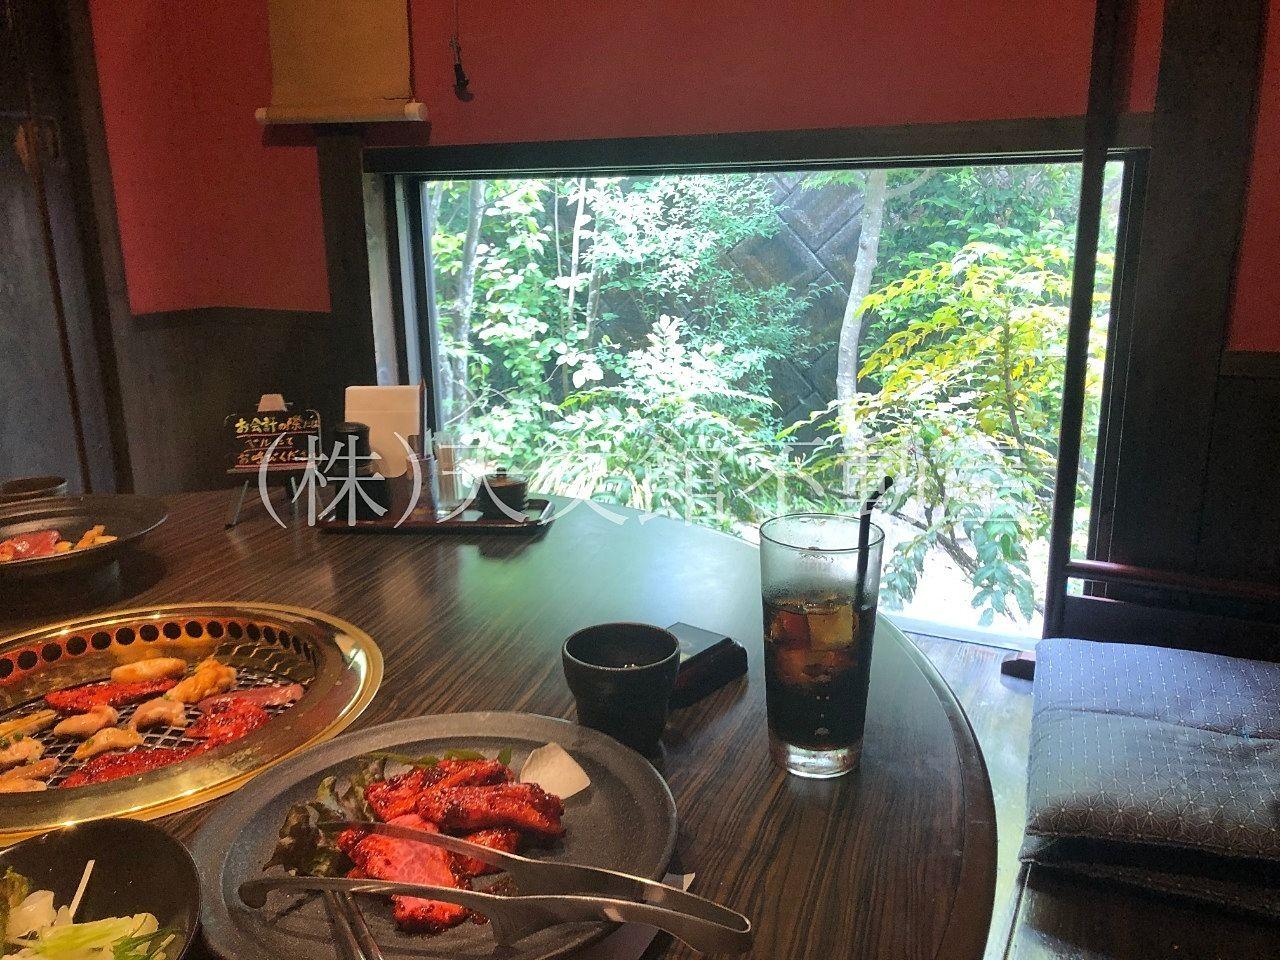 鹿児島県日置市伊集院町猪鹿倉の焼肉・たべもの処松風の個室の雰囲気は最高に落ち着く空間です。